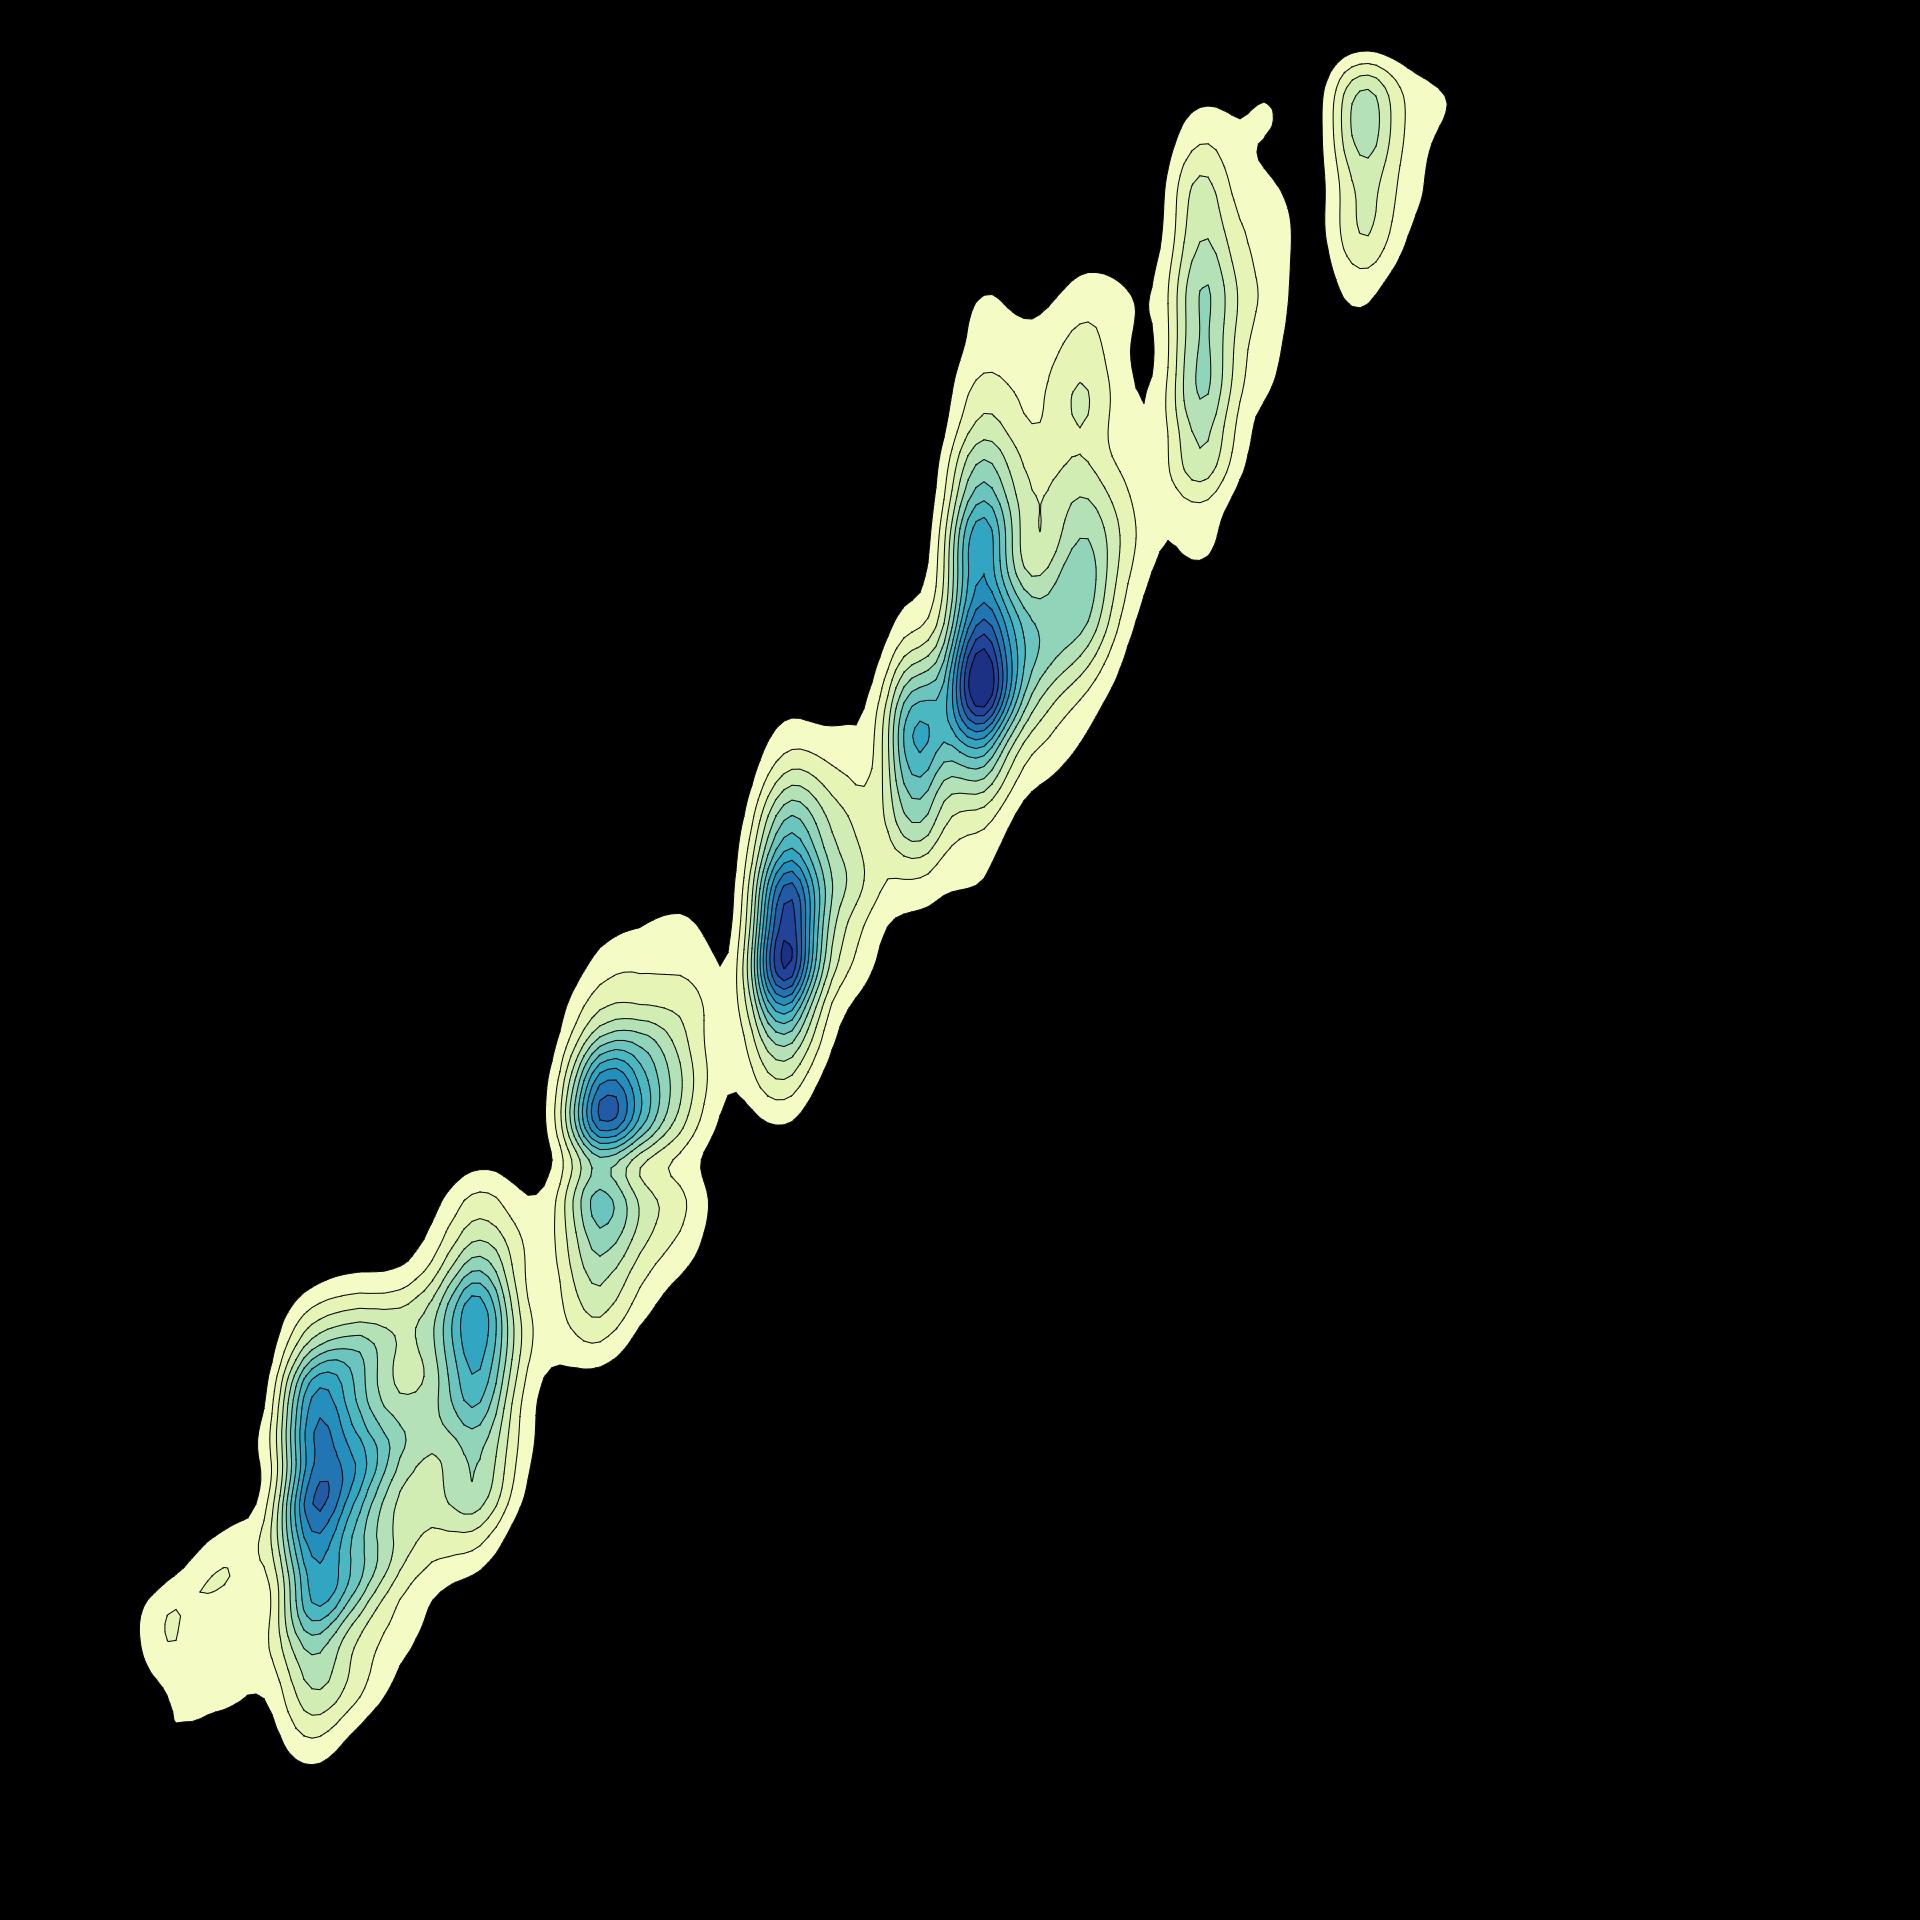 Density Contours